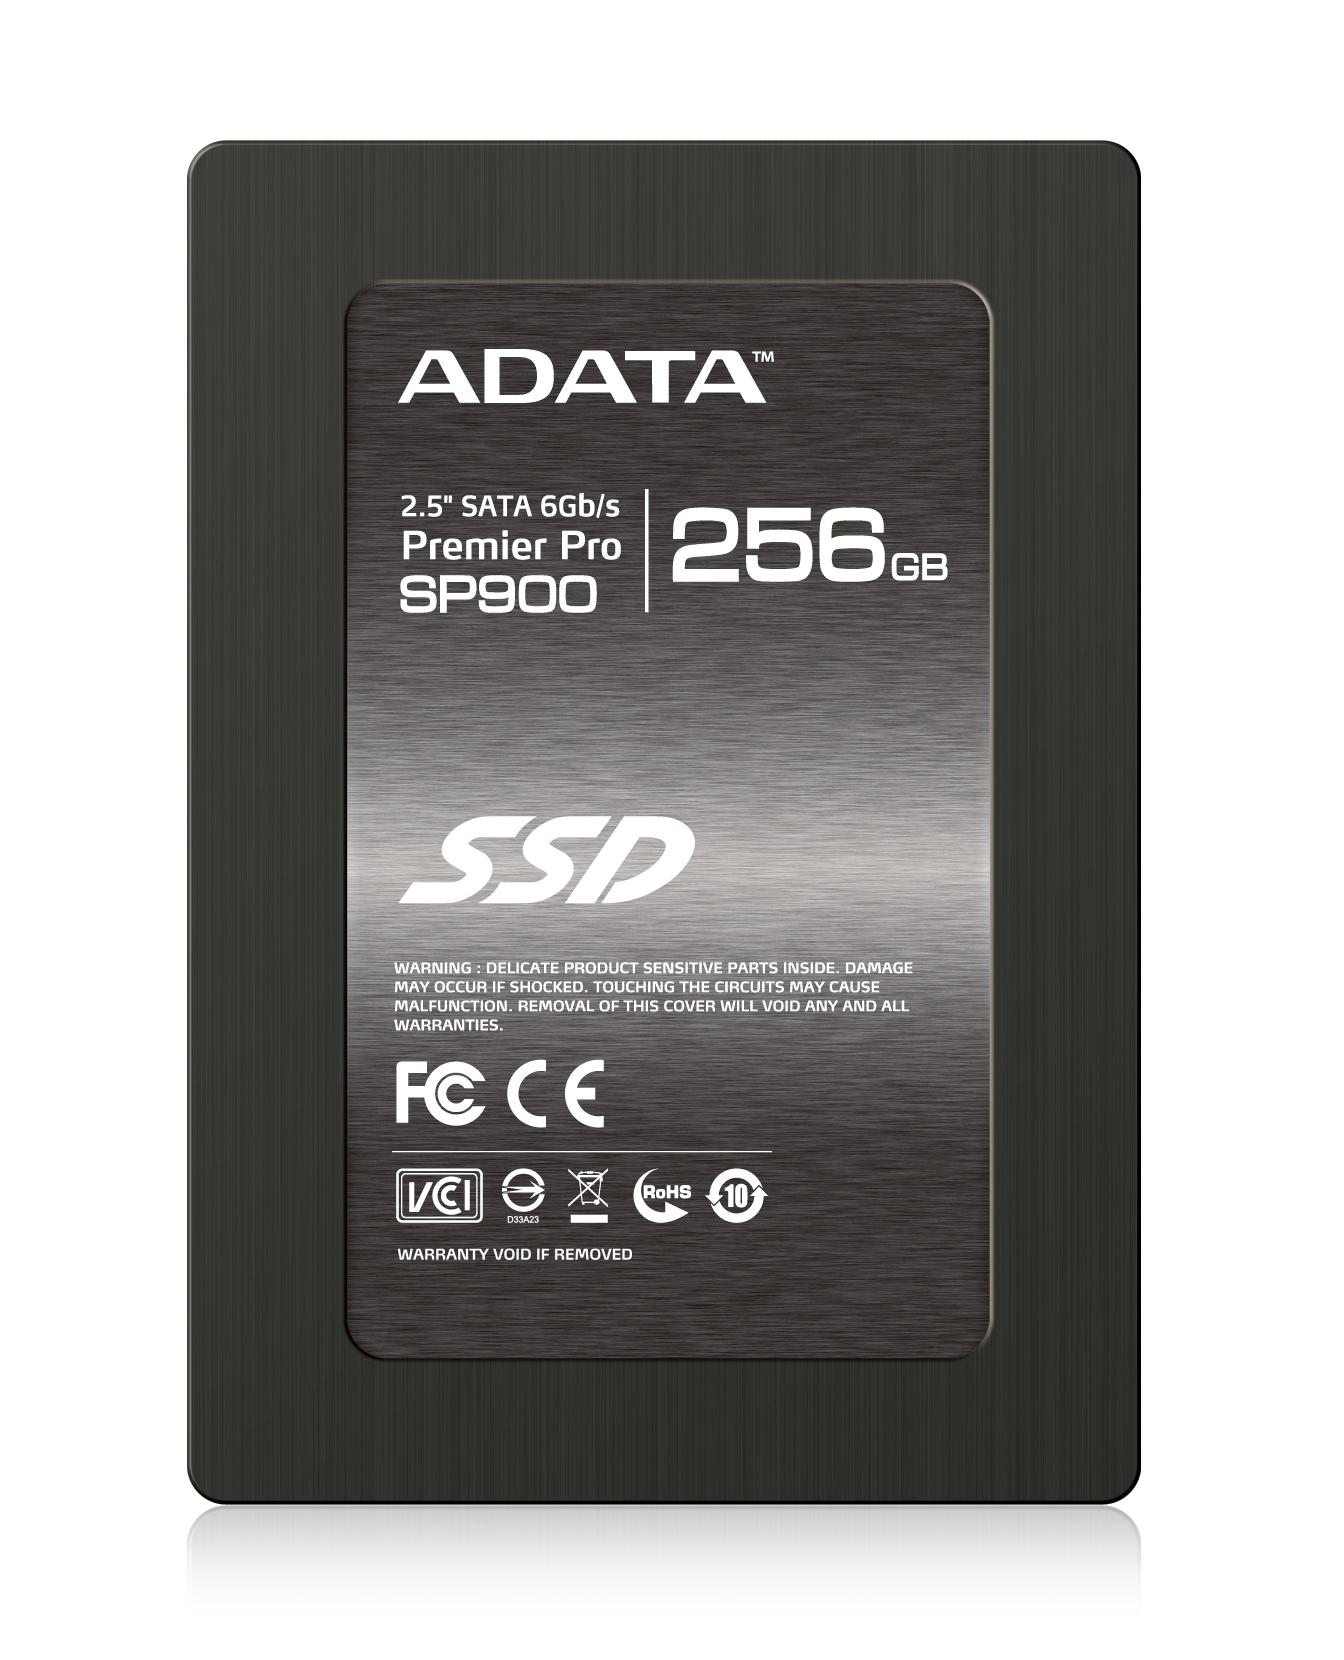 ADATA SSD SP900 Premier Pro 256GB 2.5'' SATA III